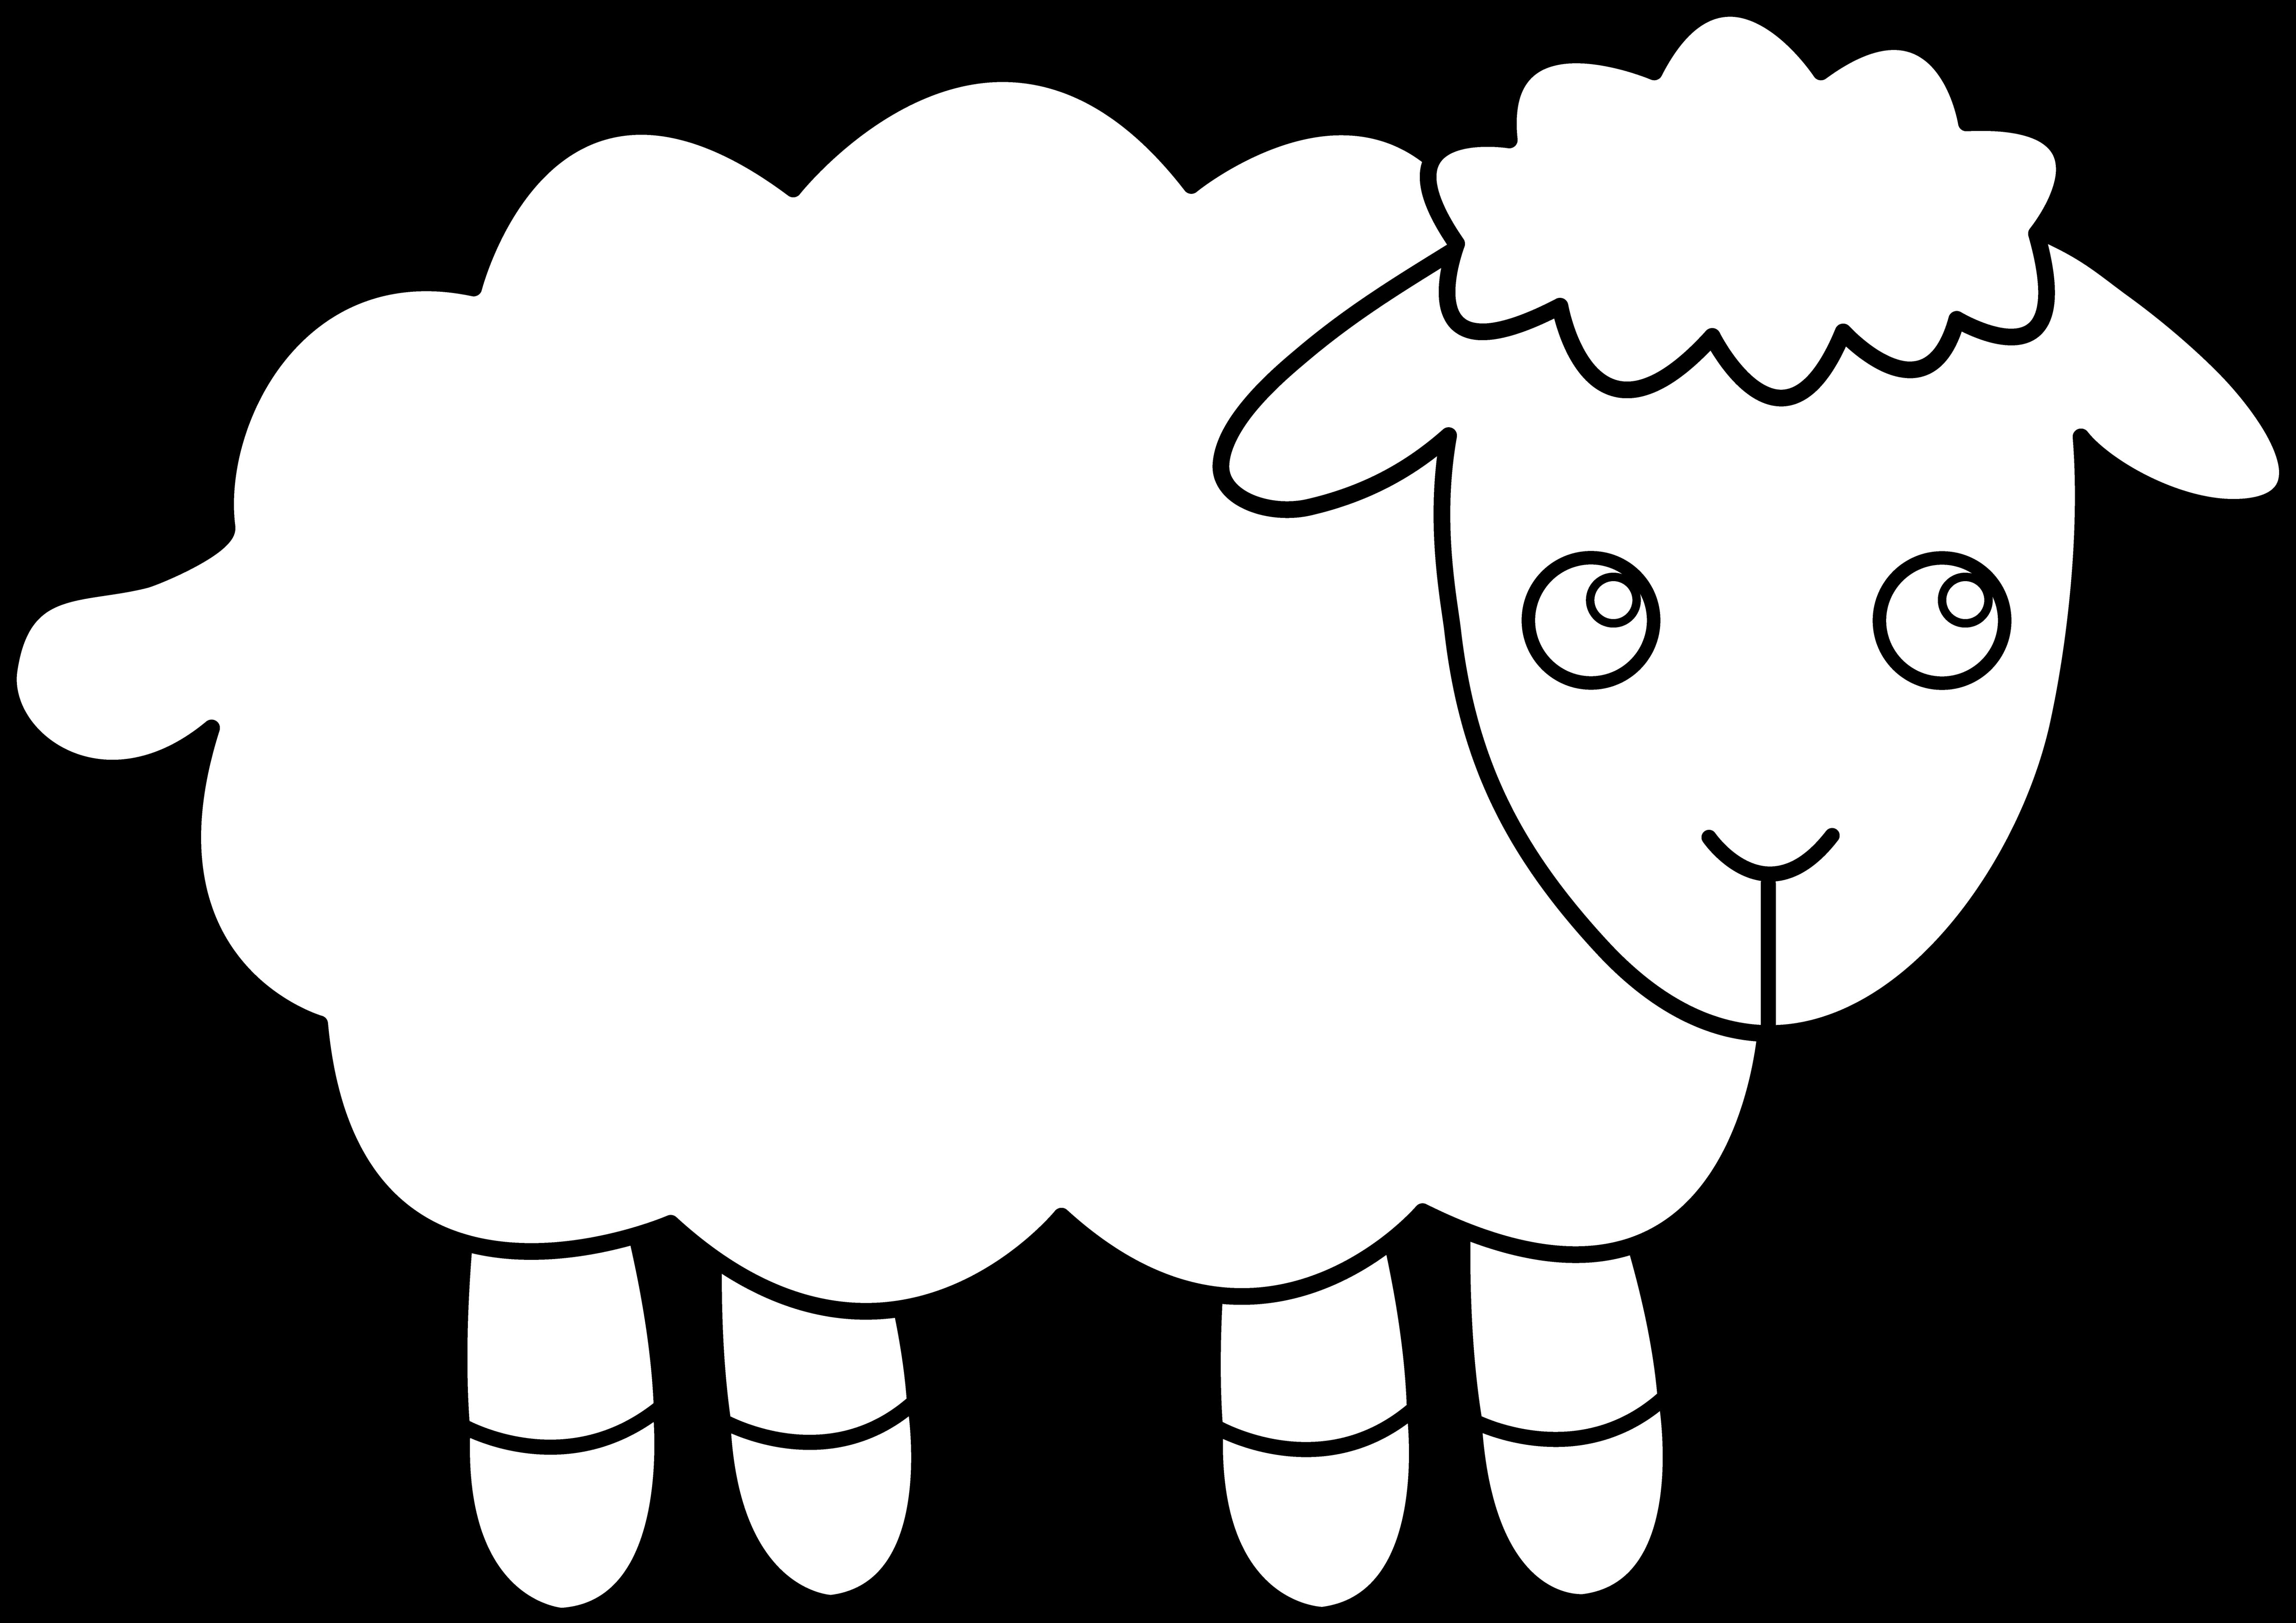 ... Lamb Clipart - clipartall ...